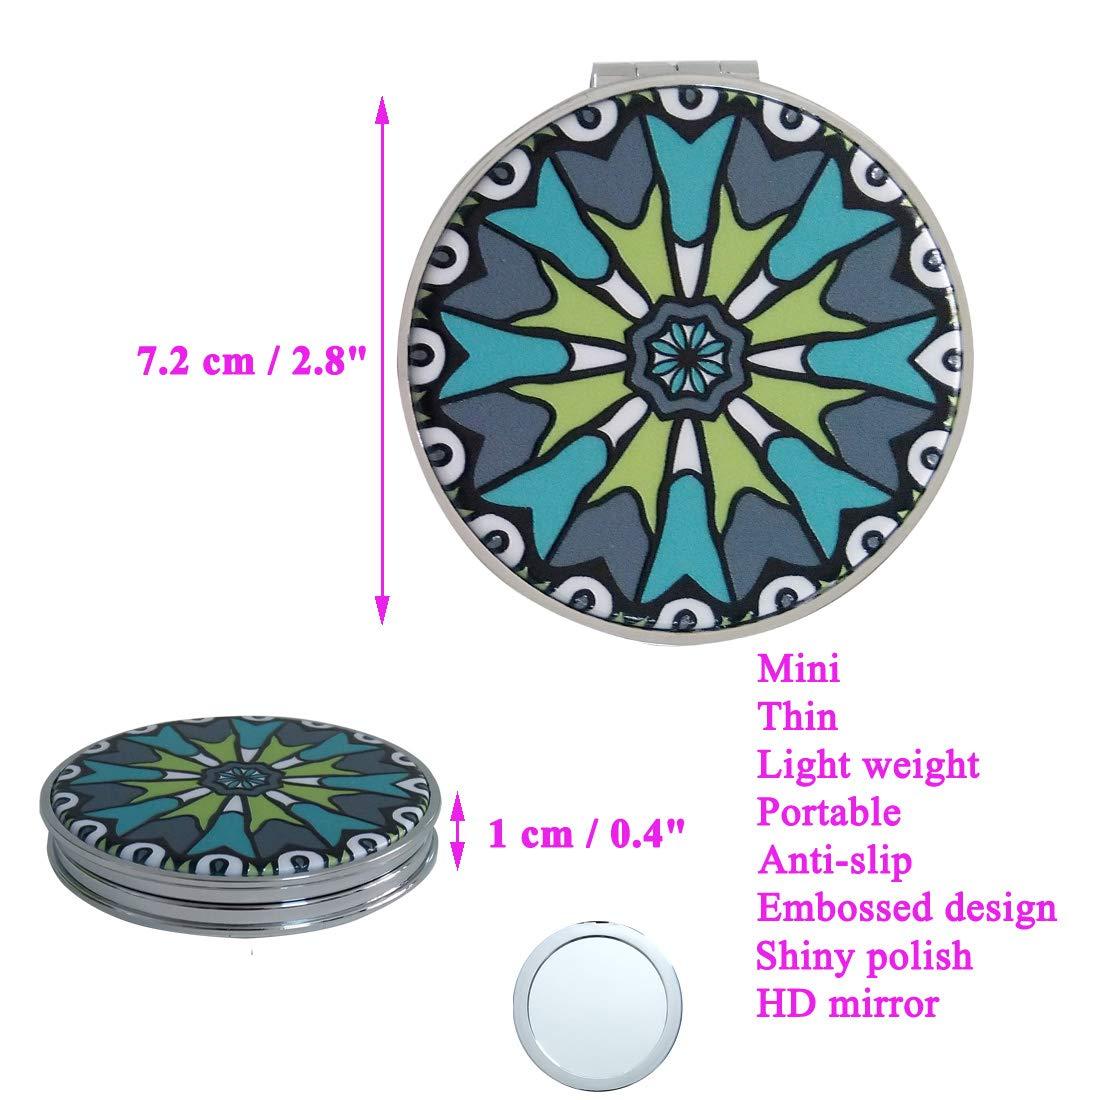 Amazon.com: Beaufy - Espejo compacto de mano para ...